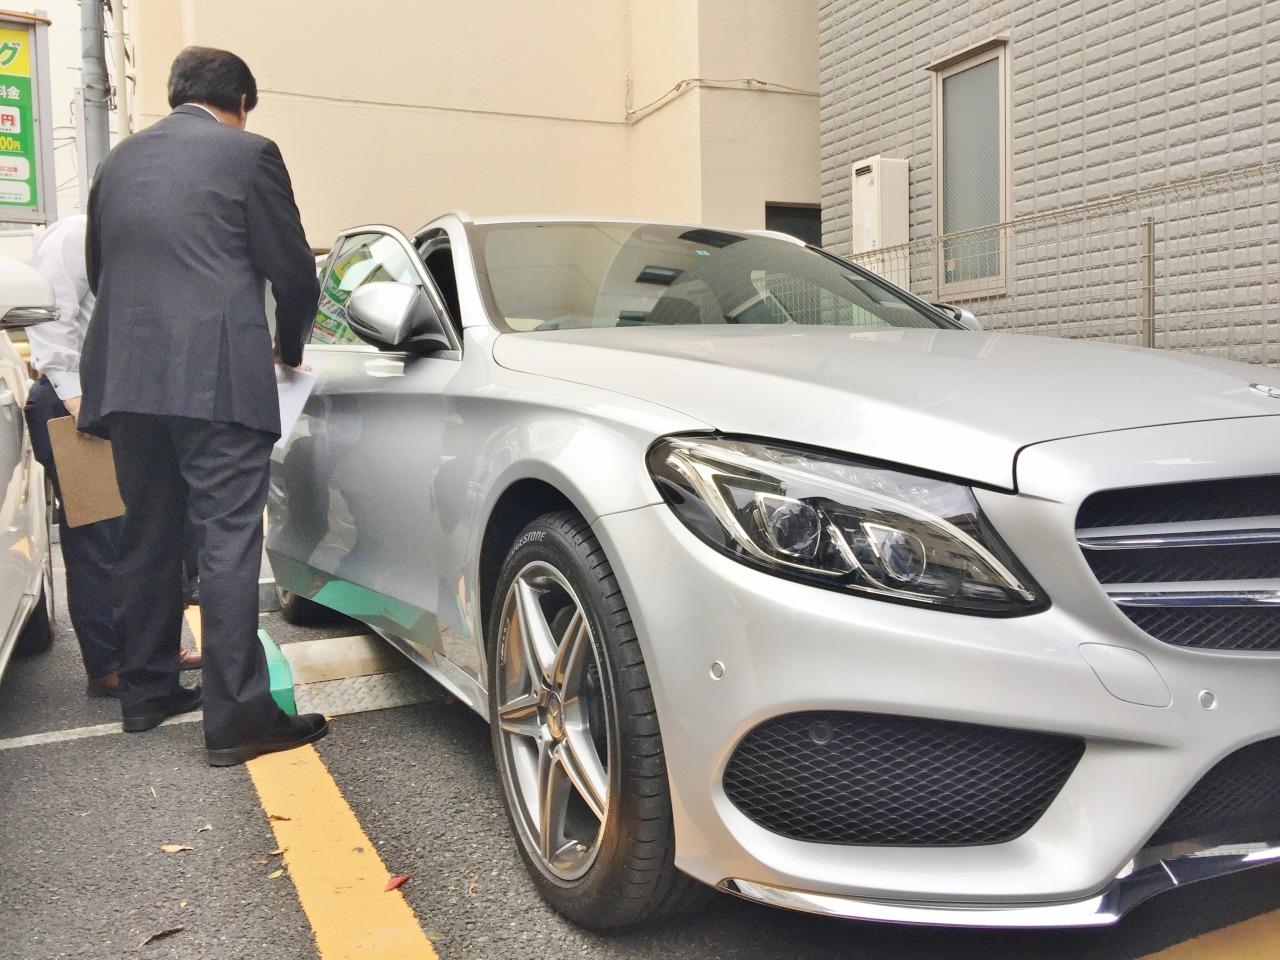 最新の輸入車から外車まで出張査定に必要なノウハウを網羅